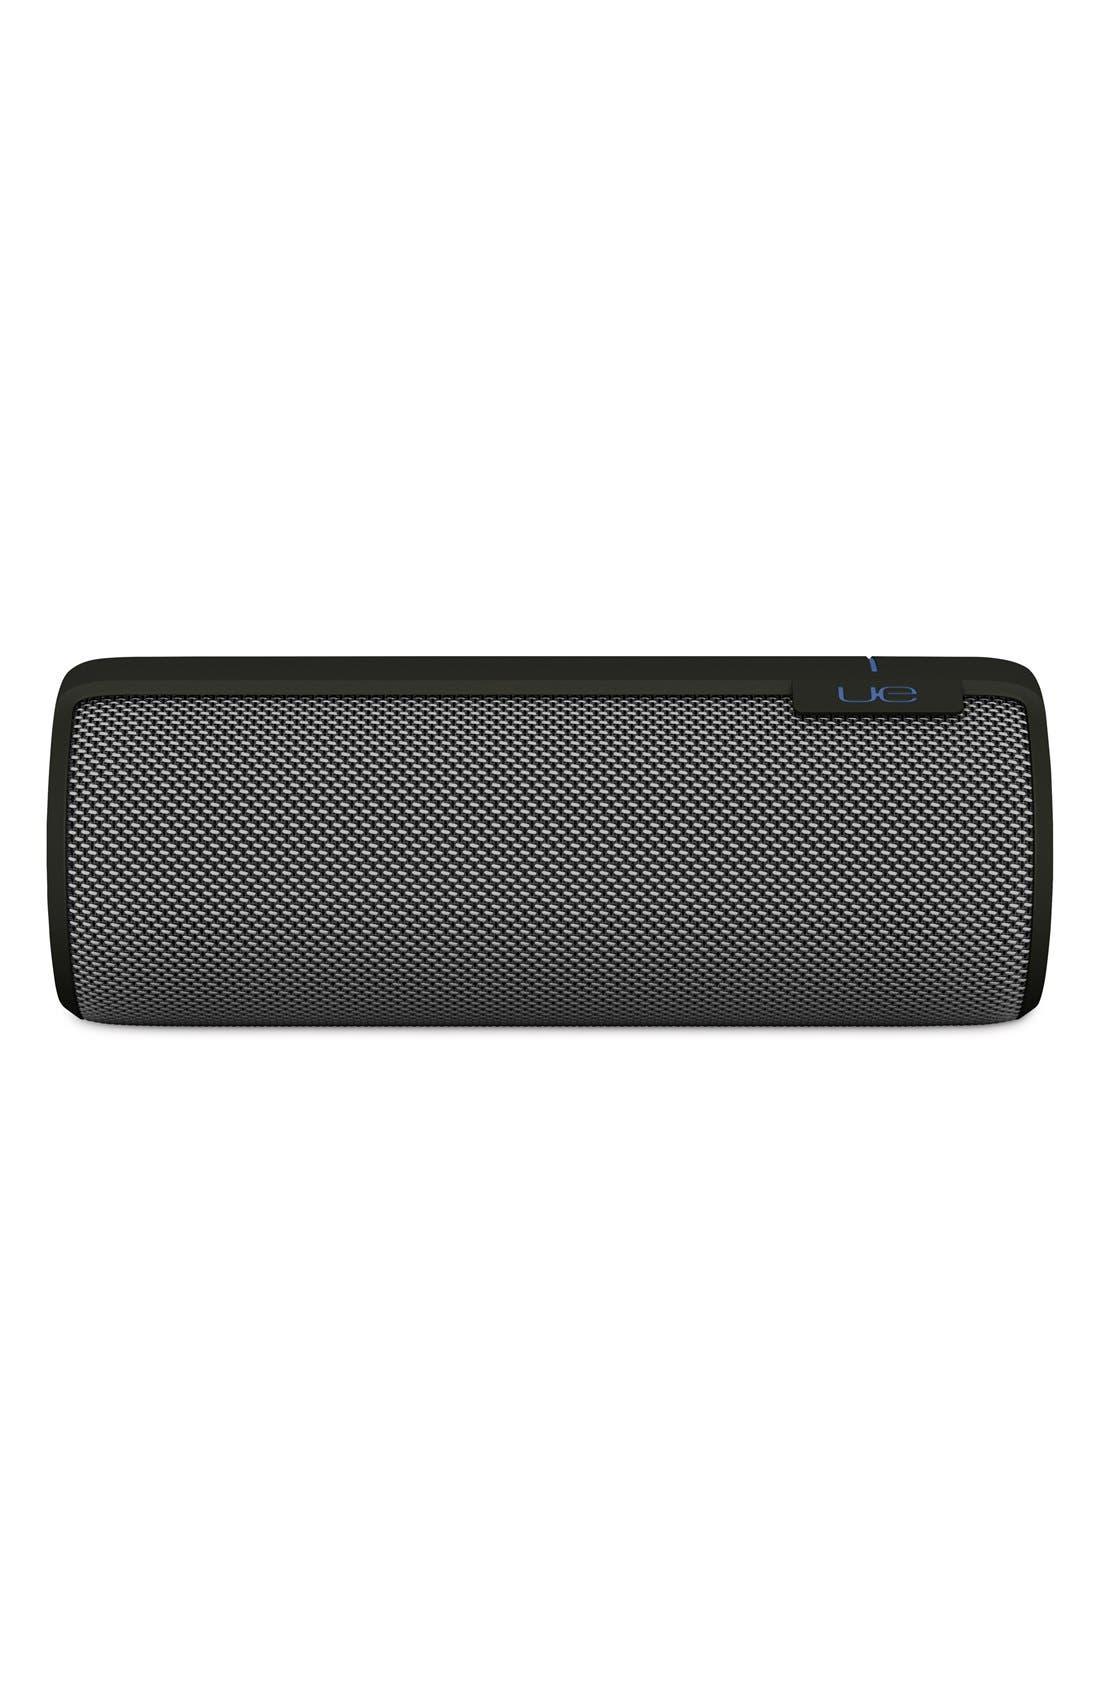 Alternate Image 3  - UE Megaboom Wireless Bluetooth® Speaker